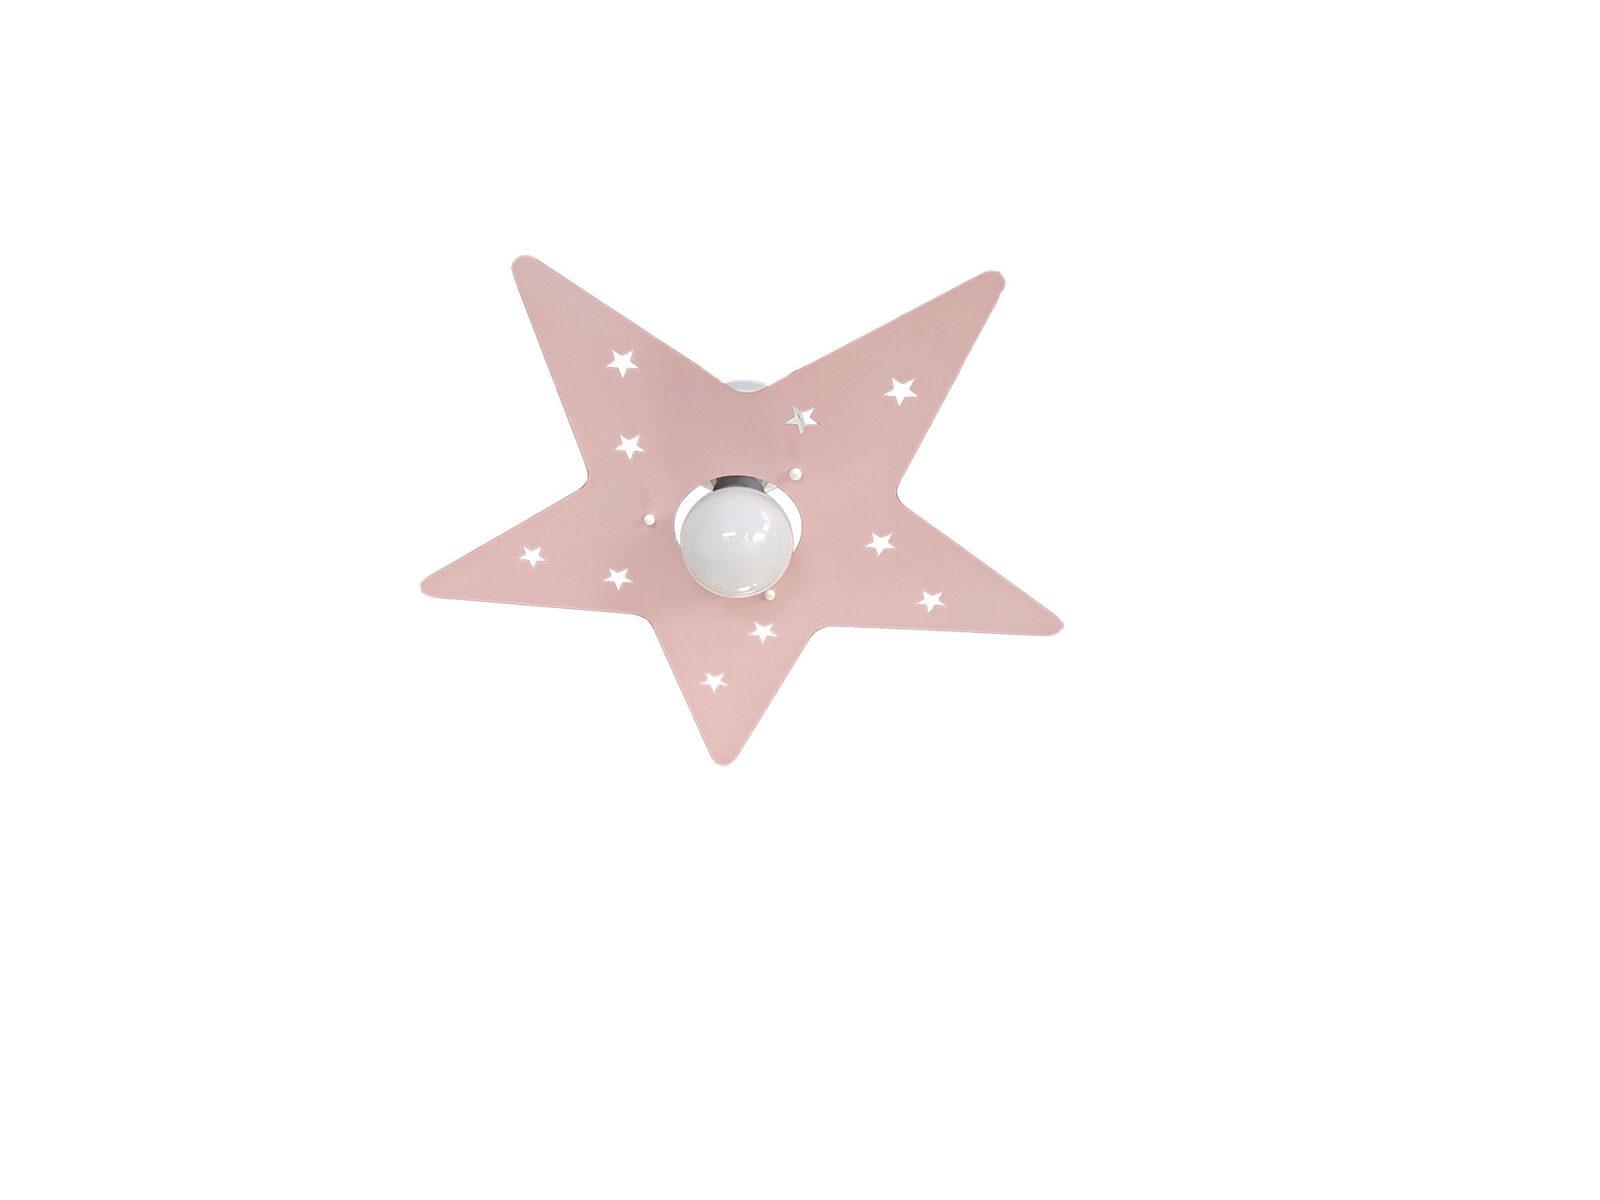 Plafoniere Camerette Bambini : Plafoniera rosa stella camerette bambini la luce del futuro